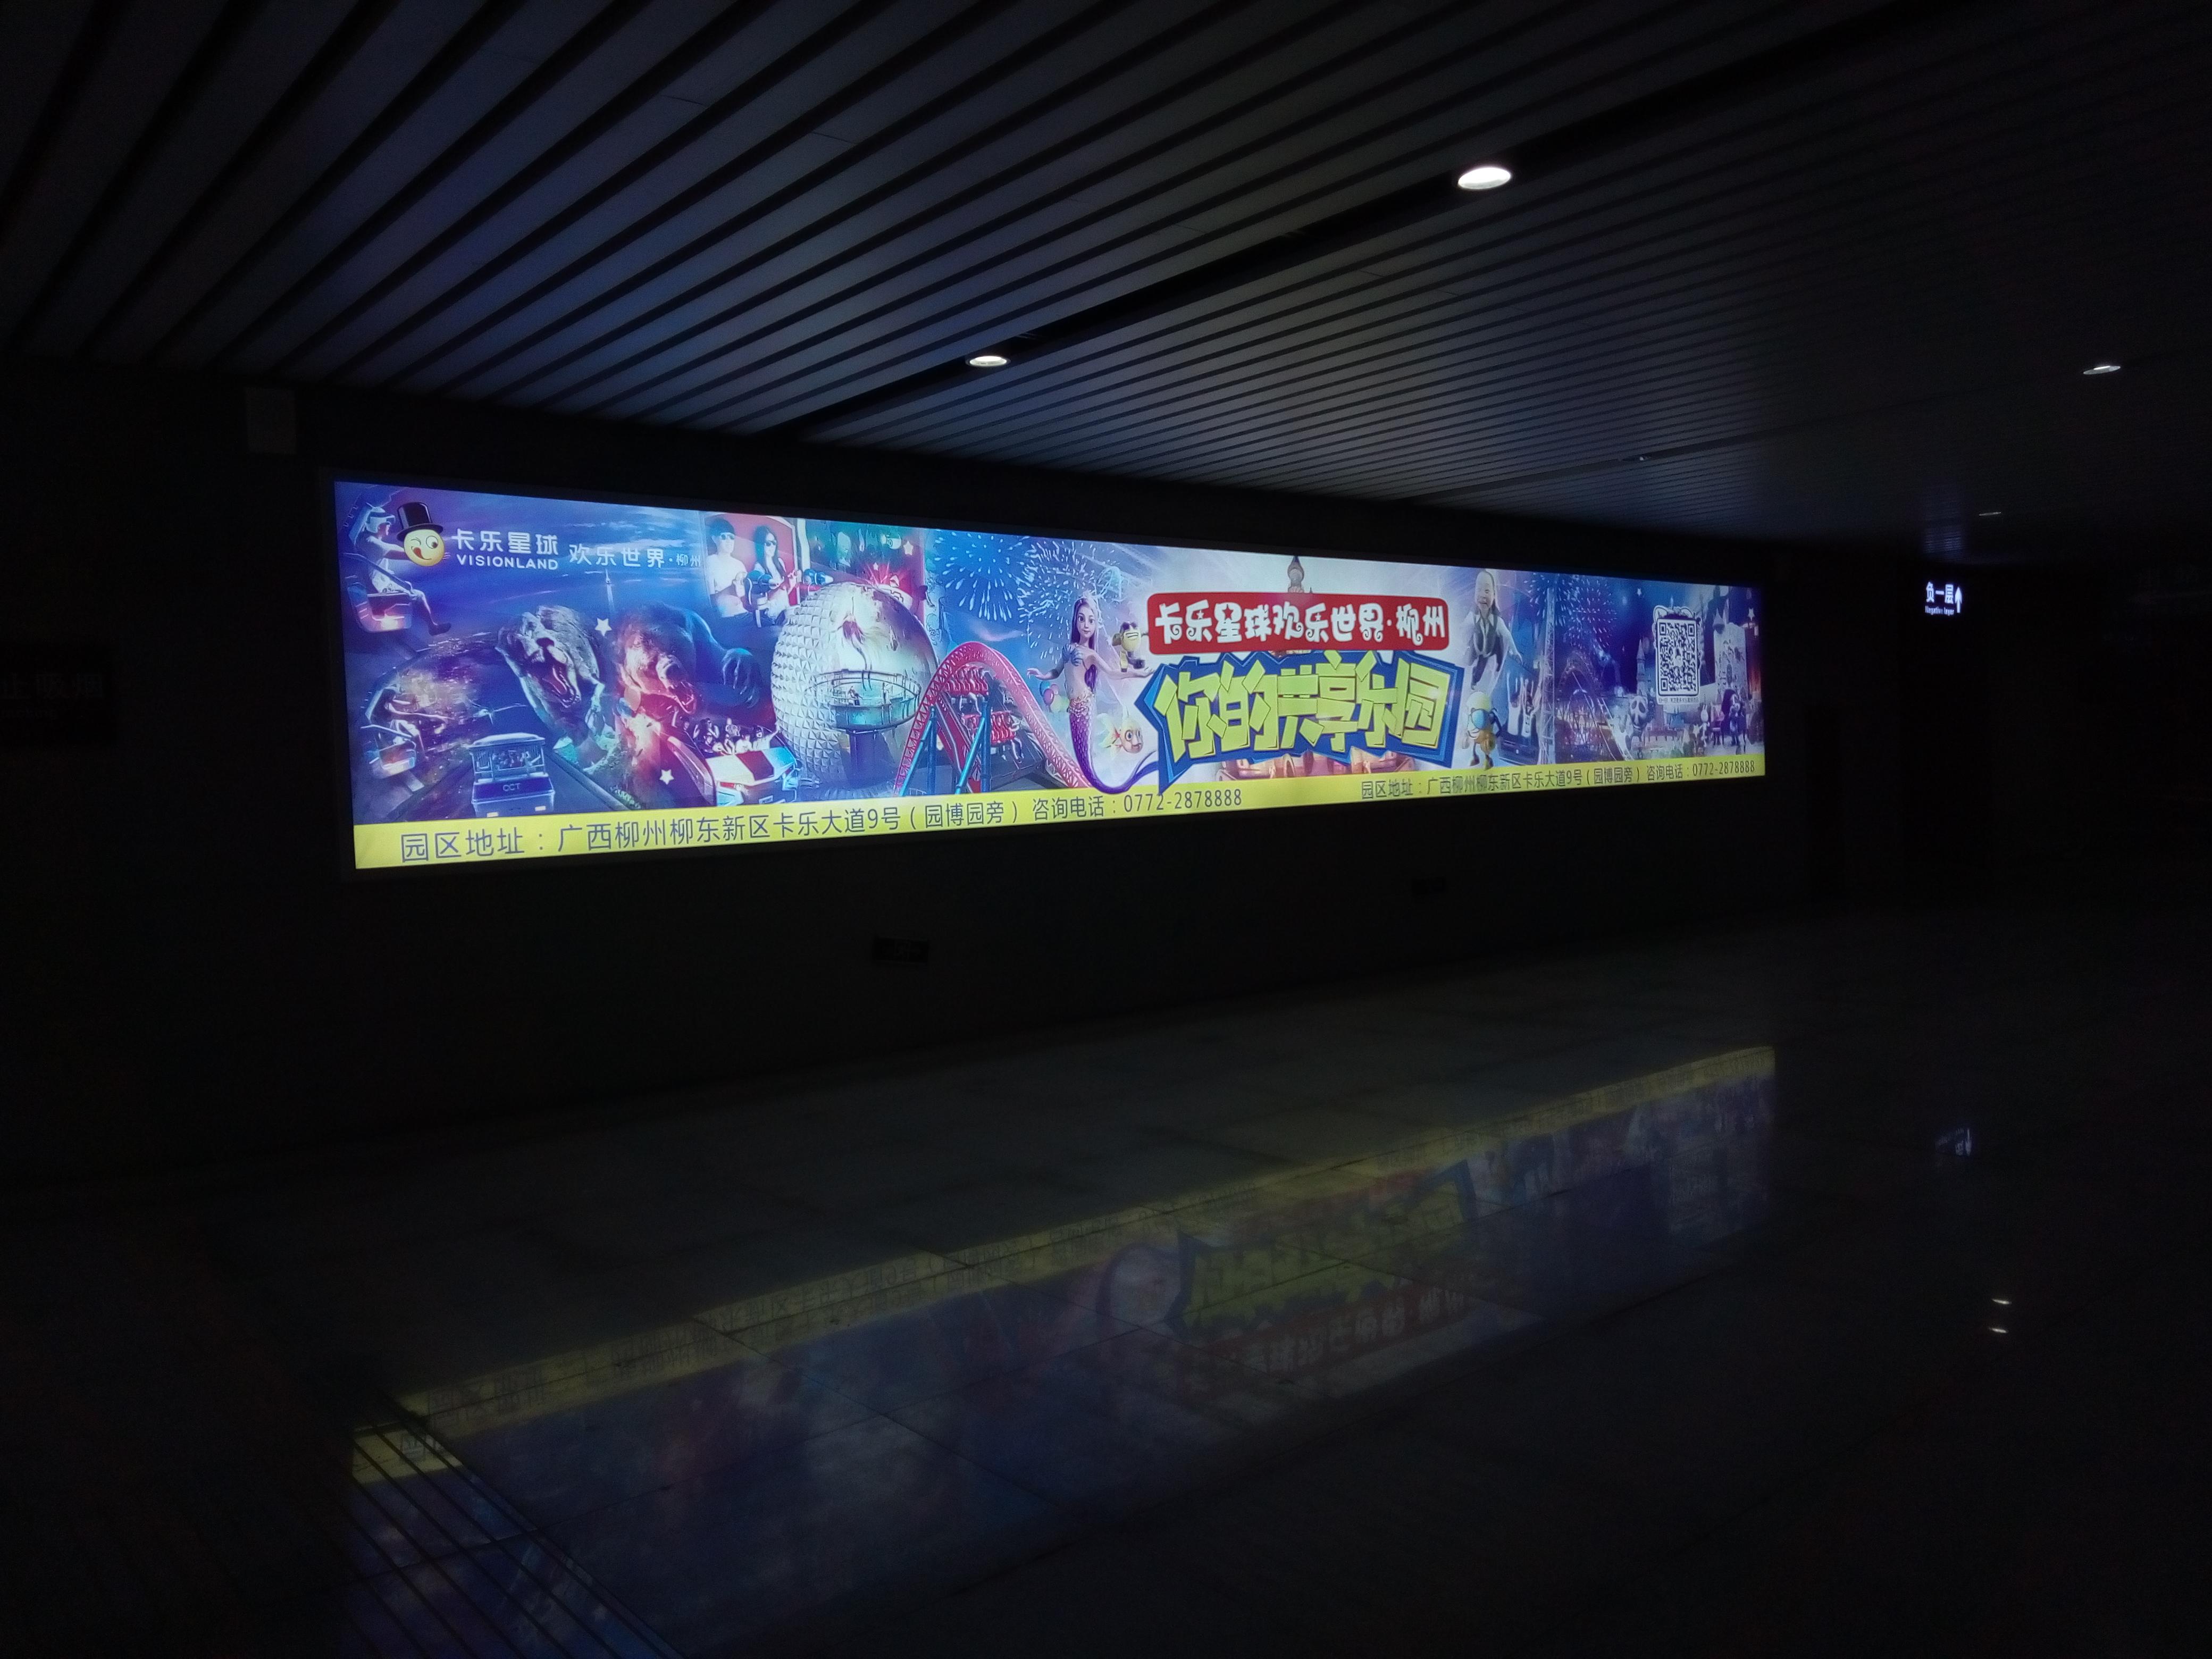 广西玉林市玉林站火车站高铁站地下通道灯箱媒体广告位